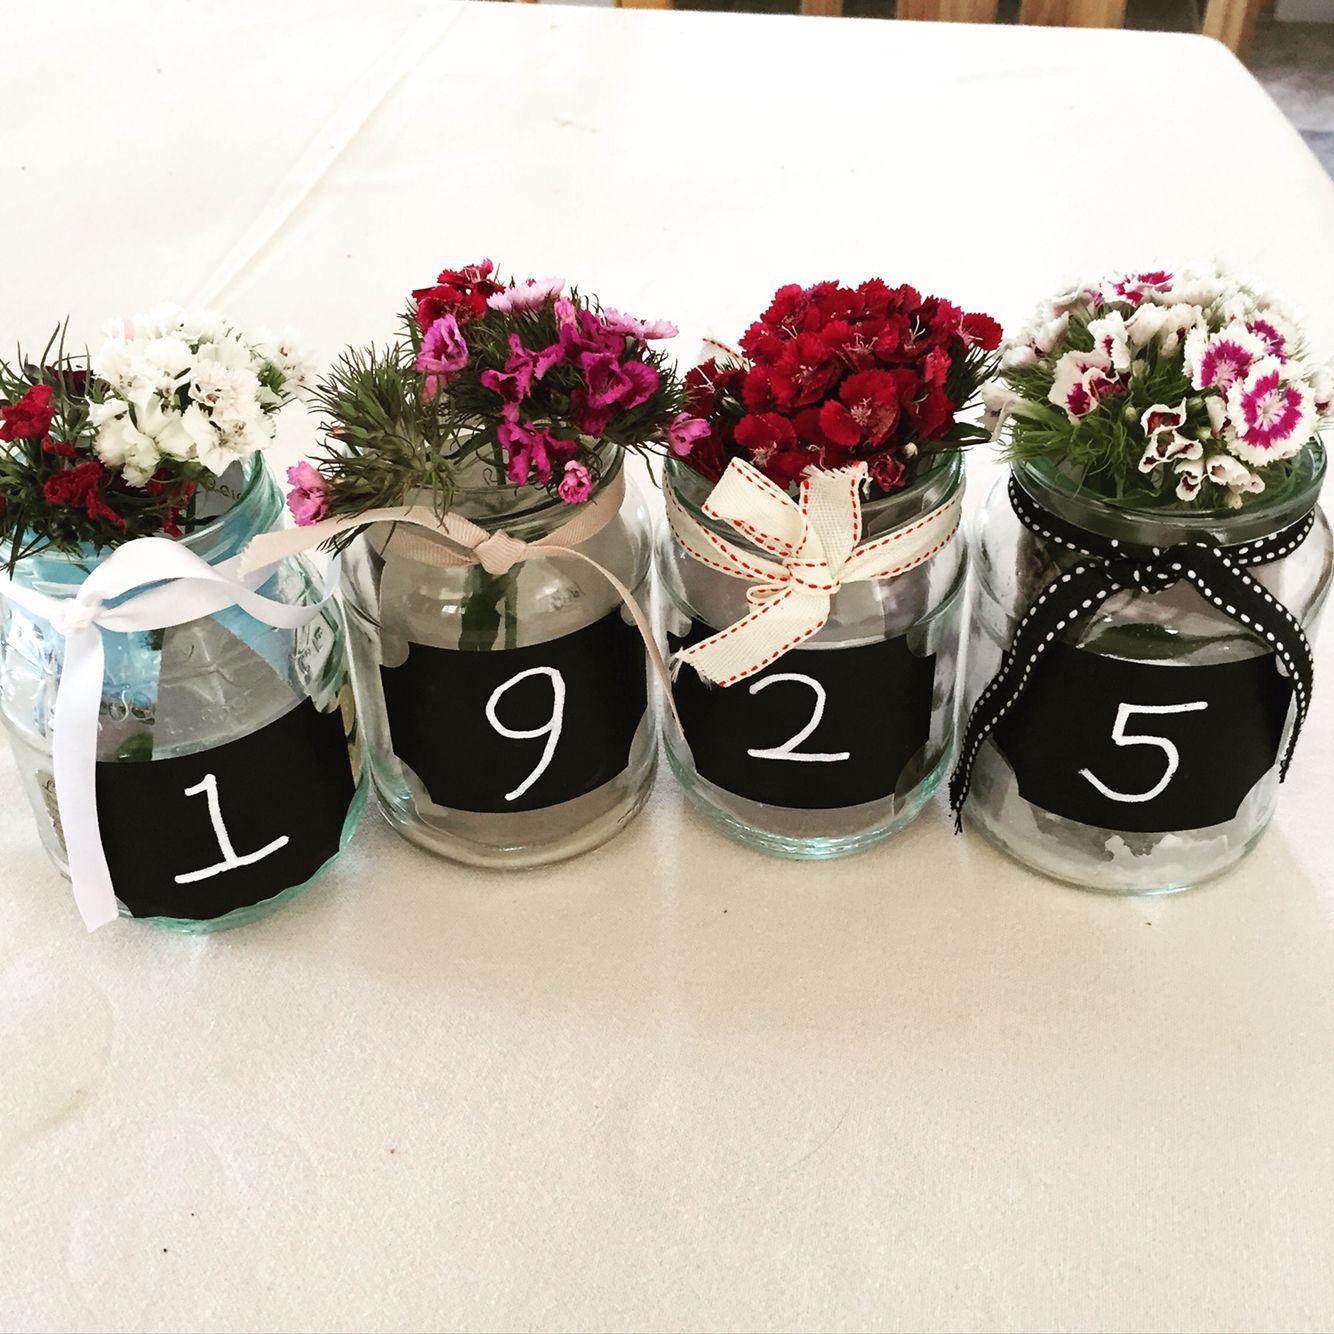 Table Centre Piece Grandad 90th Born In 1925 Birthday